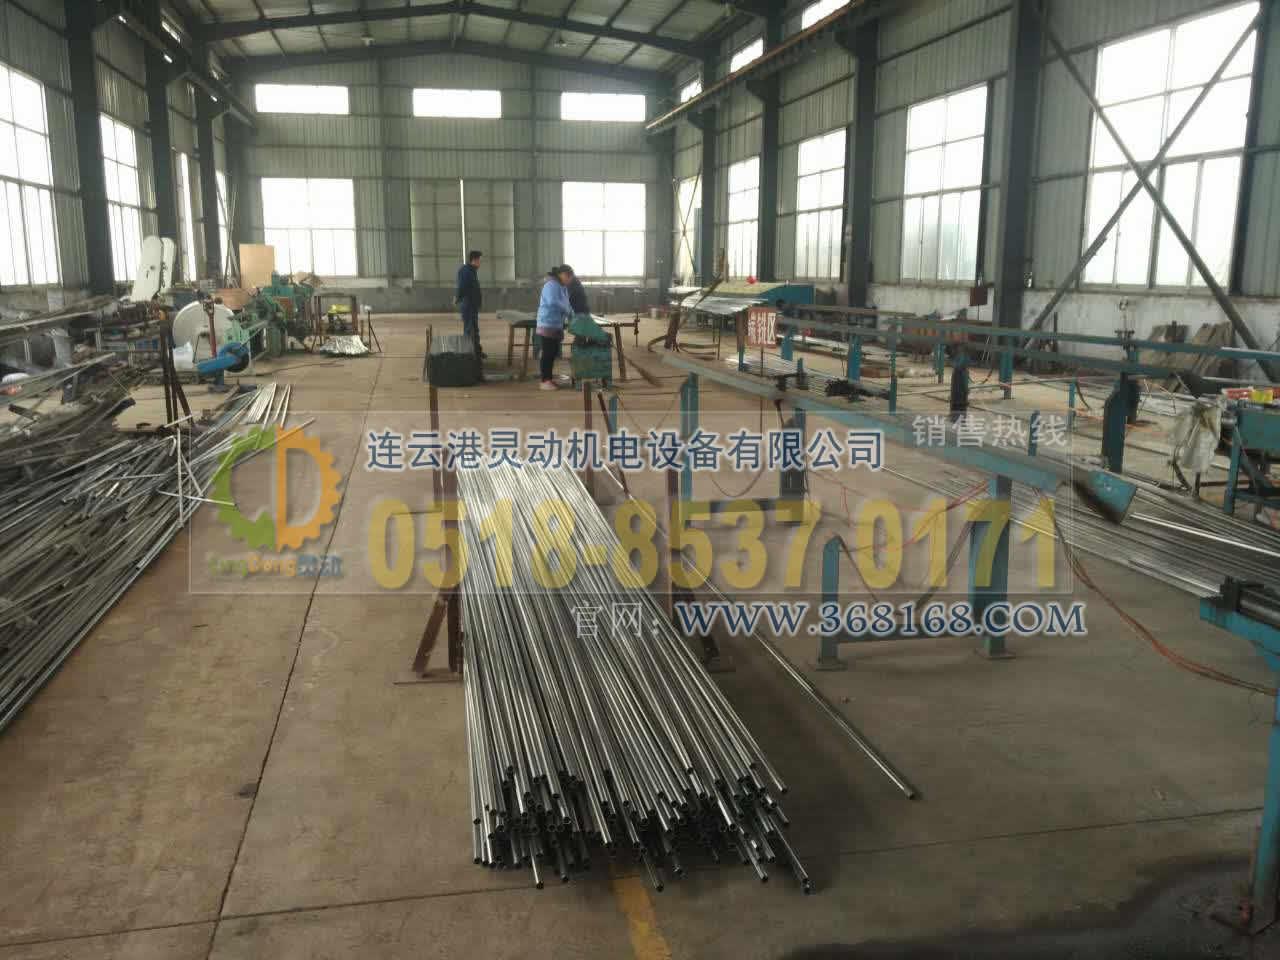 不锈钢焊管生产厂家